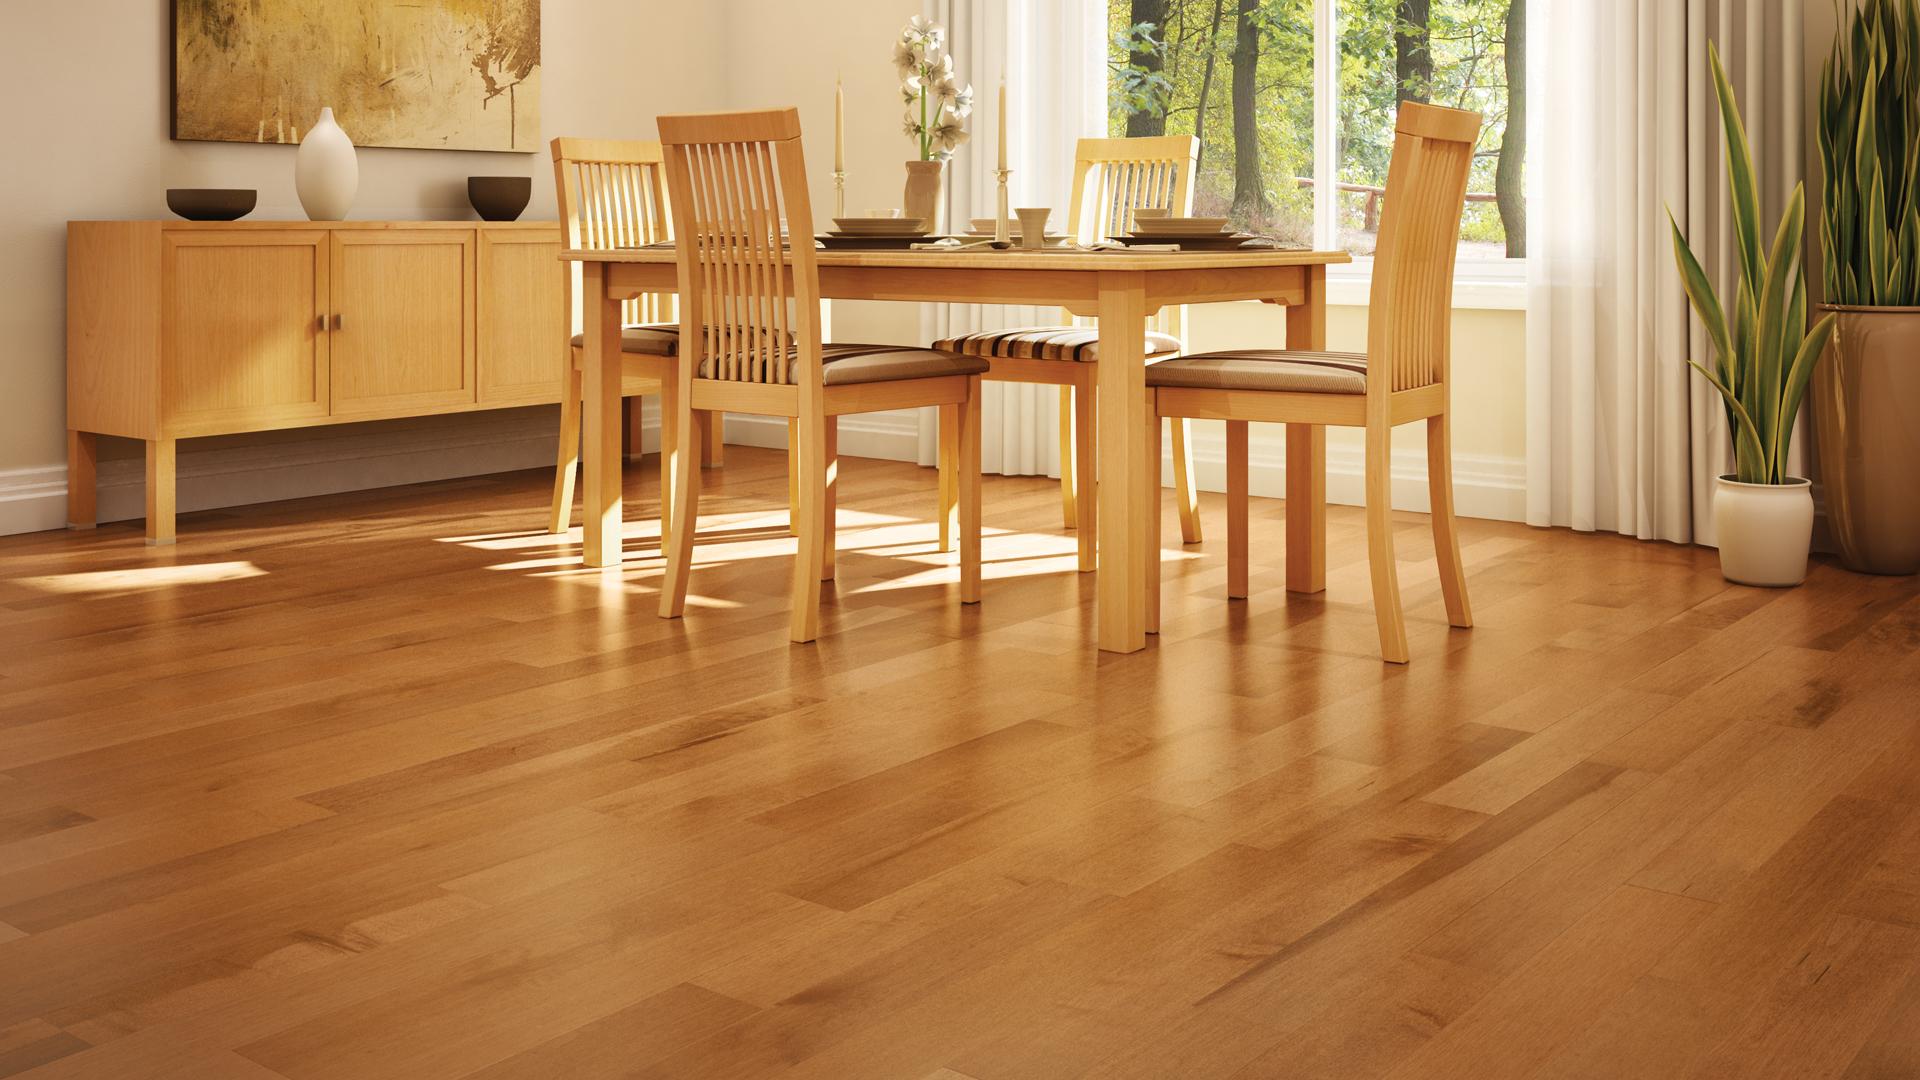 Hard maple apricot | Dubeau hardwood floors | Dining room decor